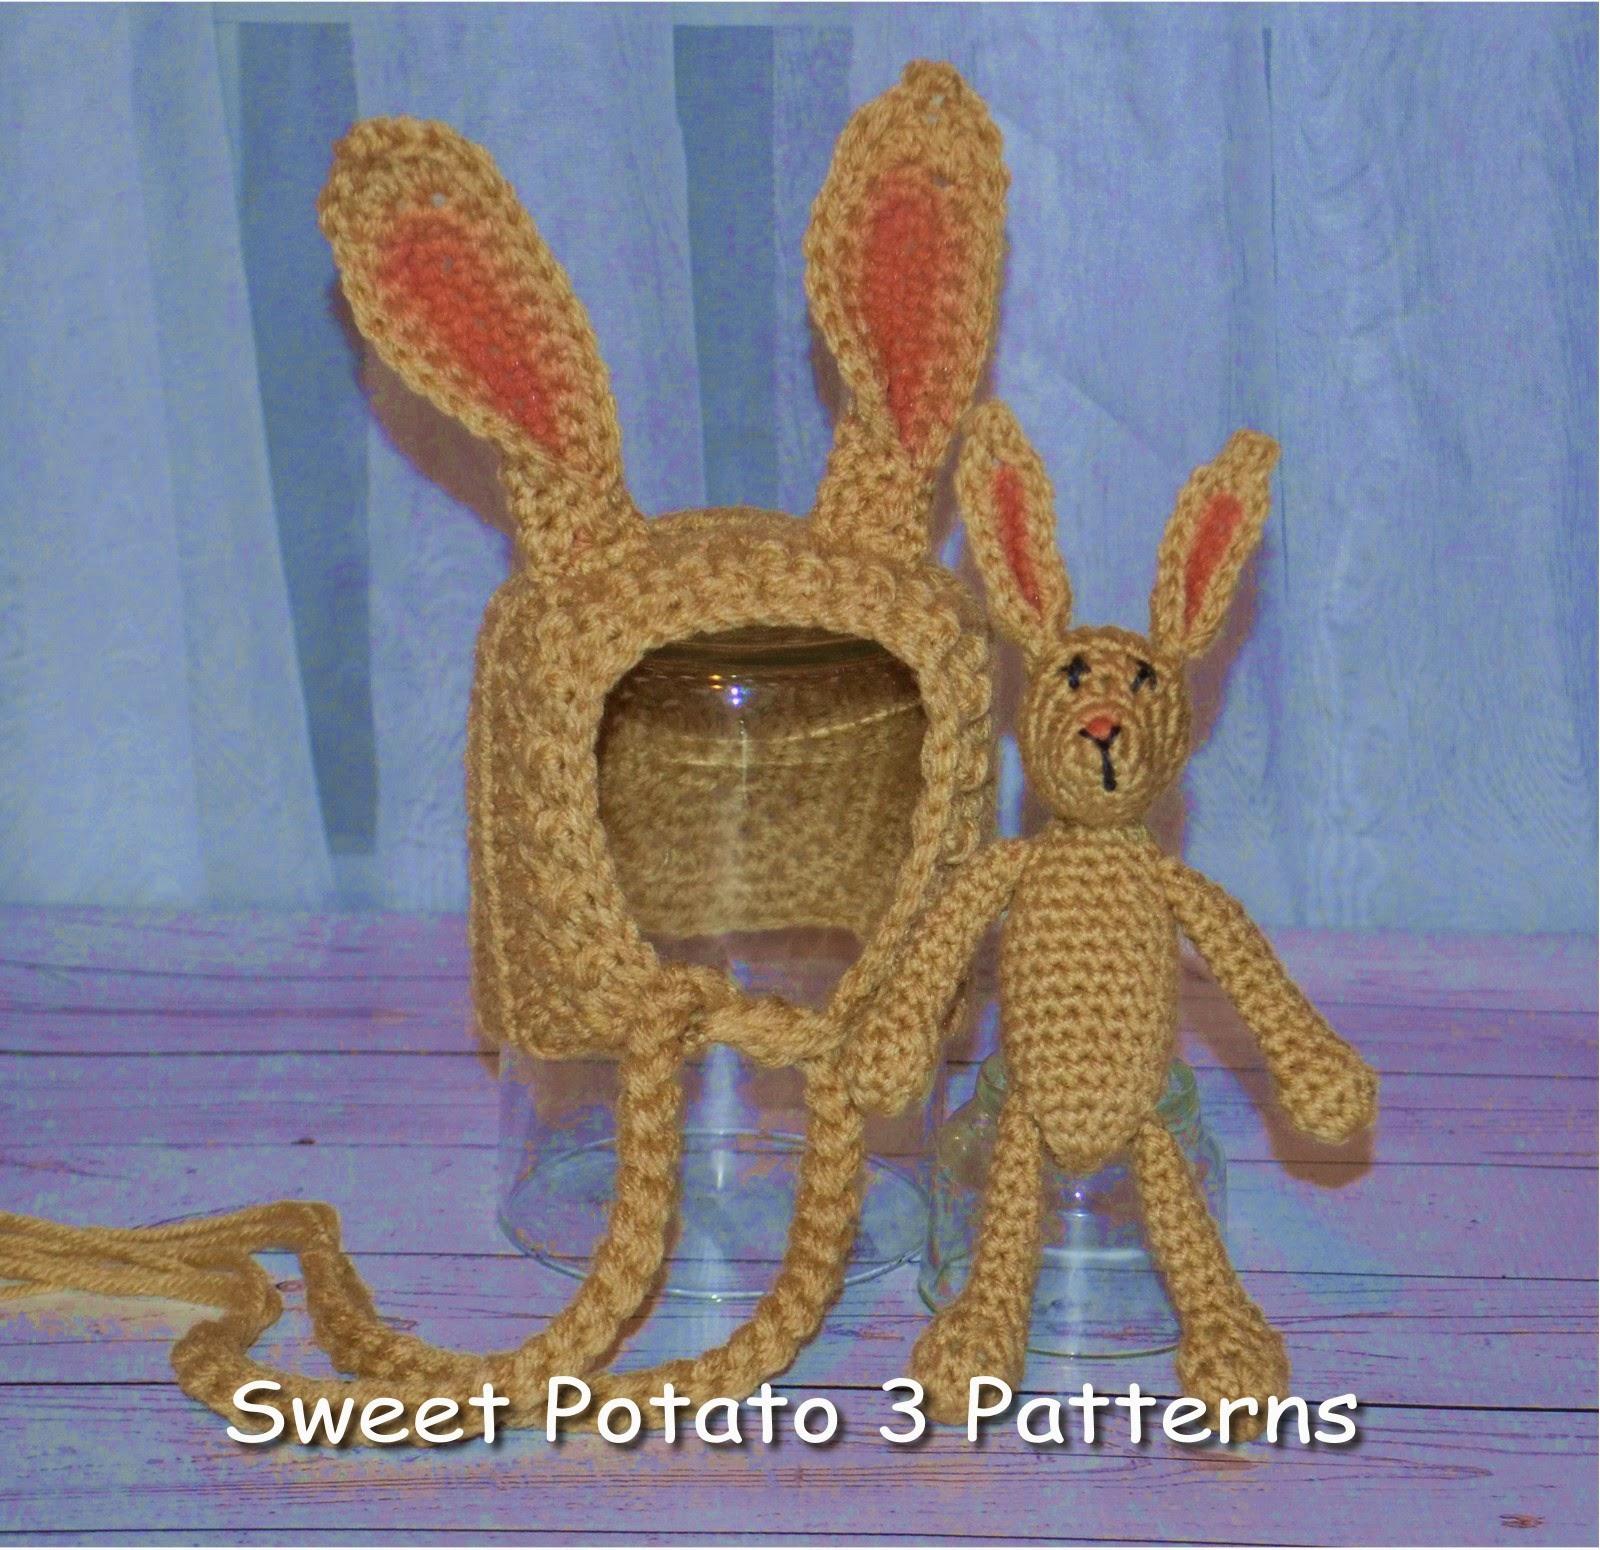 Bunny & Fox Bonnets & Stuffy Pattern Releases!